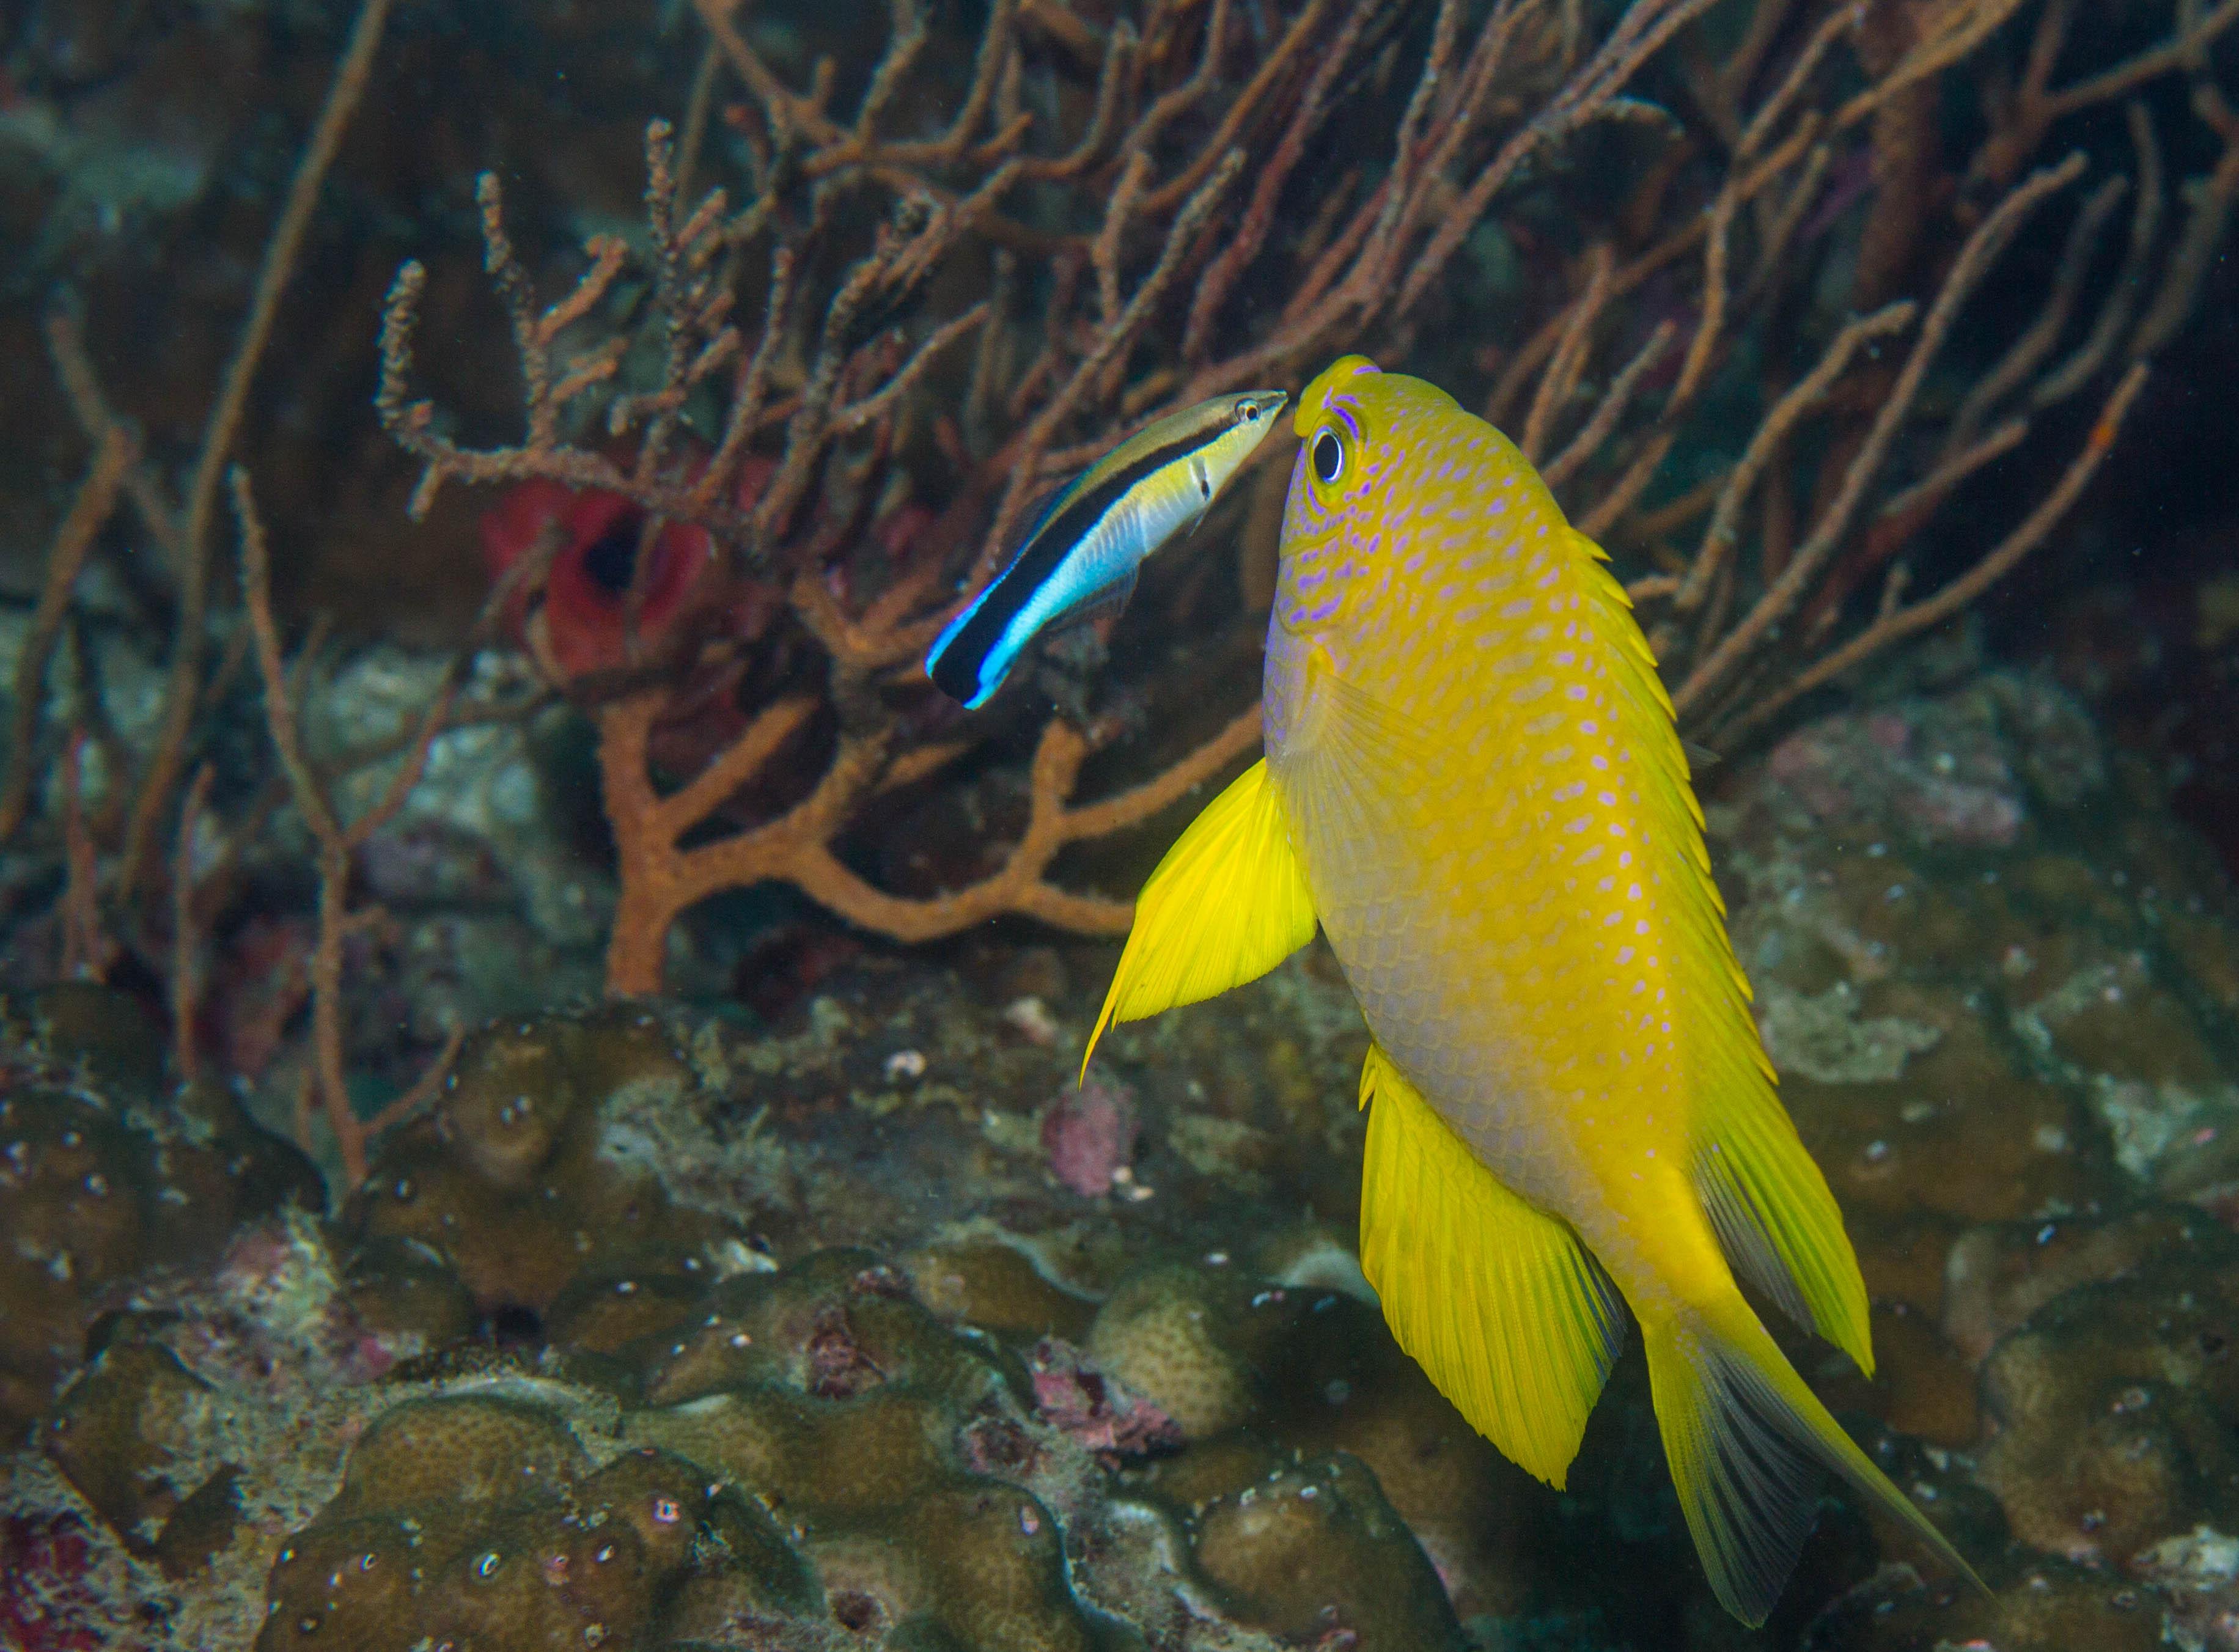 """När vi ändå pratar om arter som har som sin livsuppgift att tvätta andra – låt mig presentera """"Bluestreak cleaner Wrasse"""". En liten fisk som tvättar andra fiskar, stora som små. De simmar in i gälarna på muränor ibland och som här tvättar rent runt munnen på en så kallad """"Golden Damsel fish"""". Foto: Patrik Enlund"""